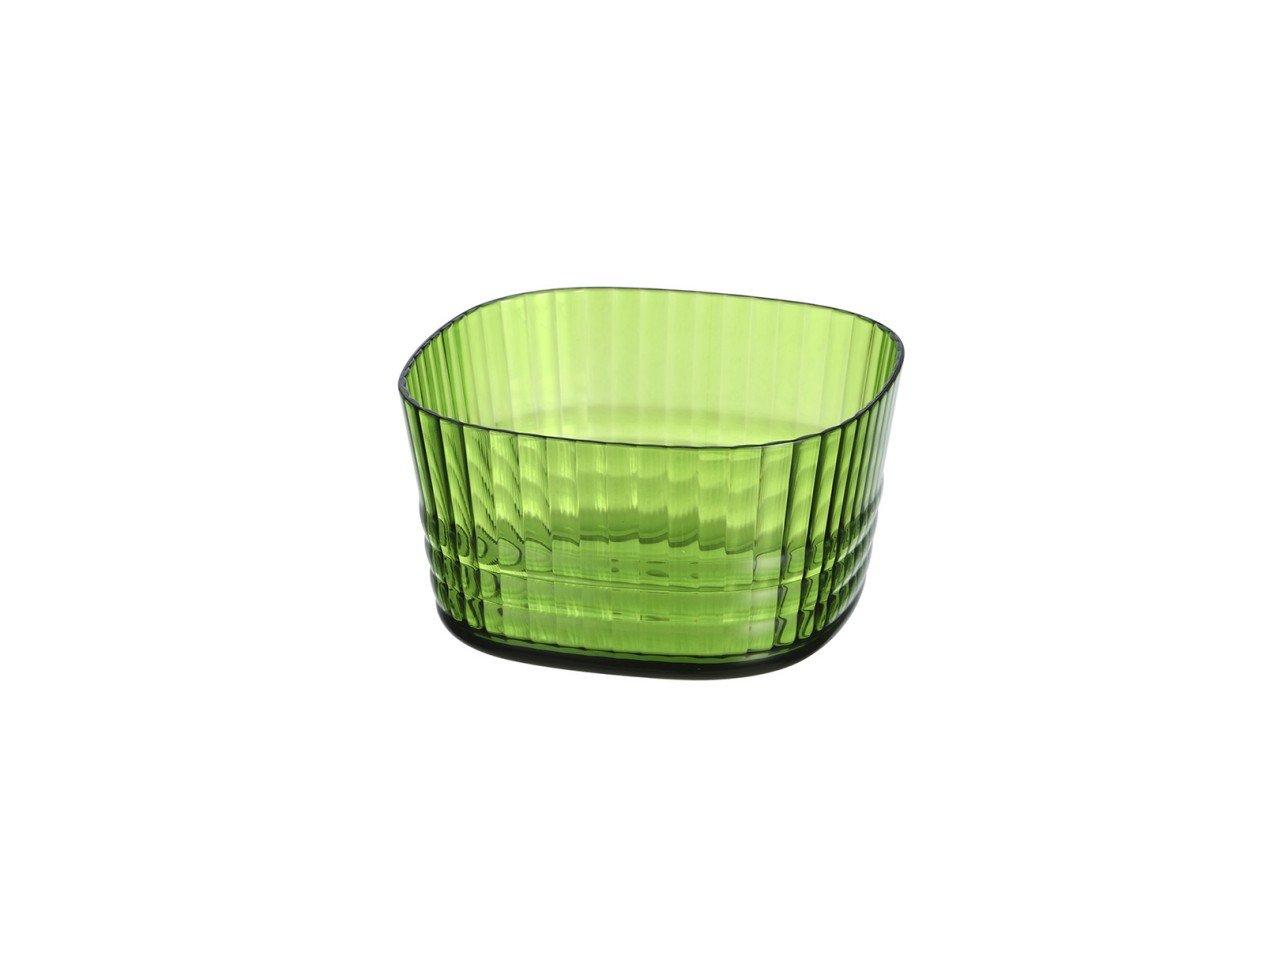 Mixingb Bowl de Acrílico Cuadrado con Franjas color Verde